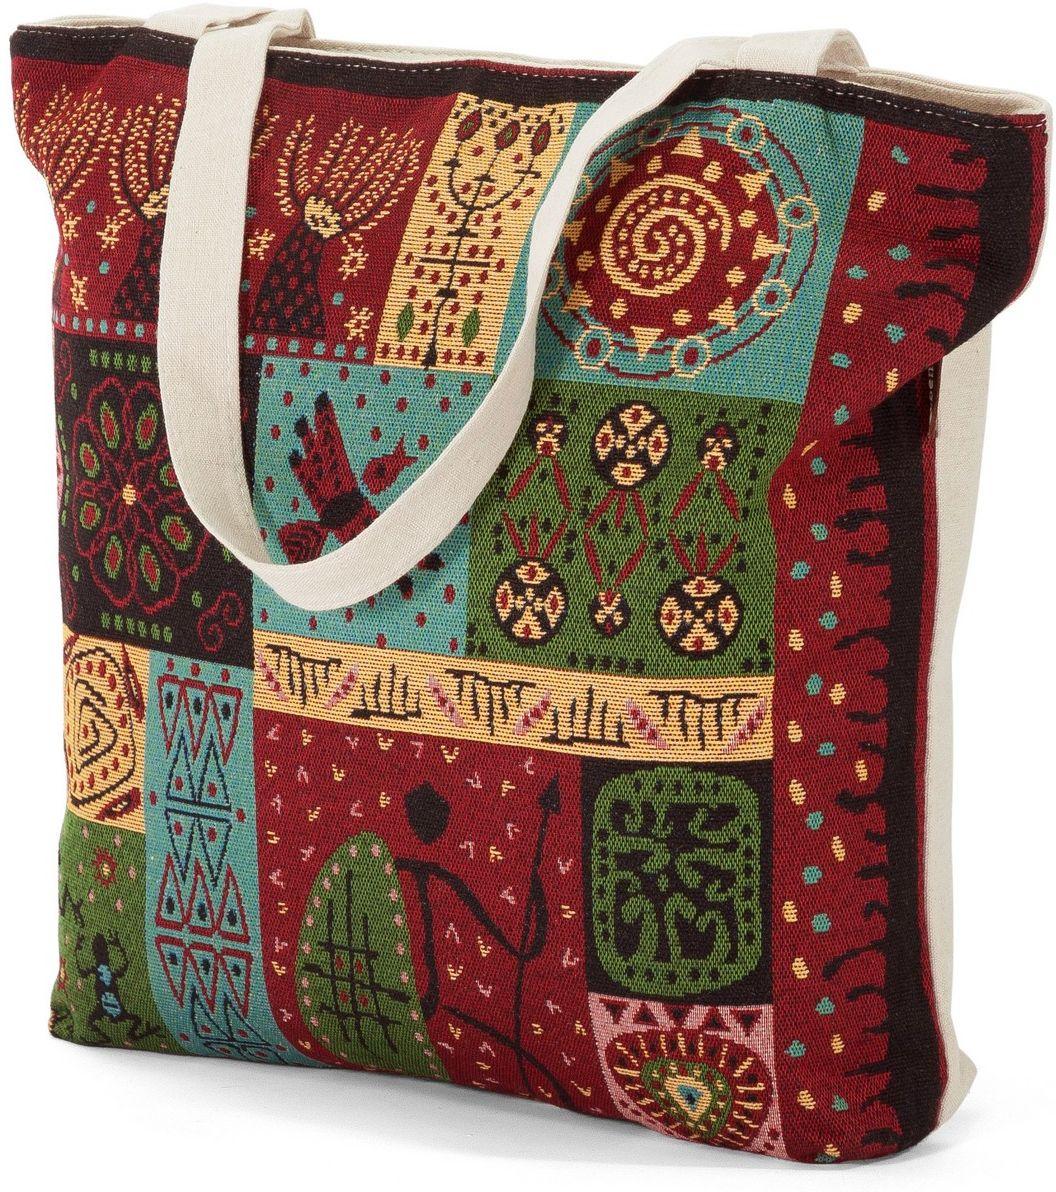 Τσαντα Παραλιας με Σχεδιο Benzi BZ5064-4 γυναίκα   τσάντες παραλίας